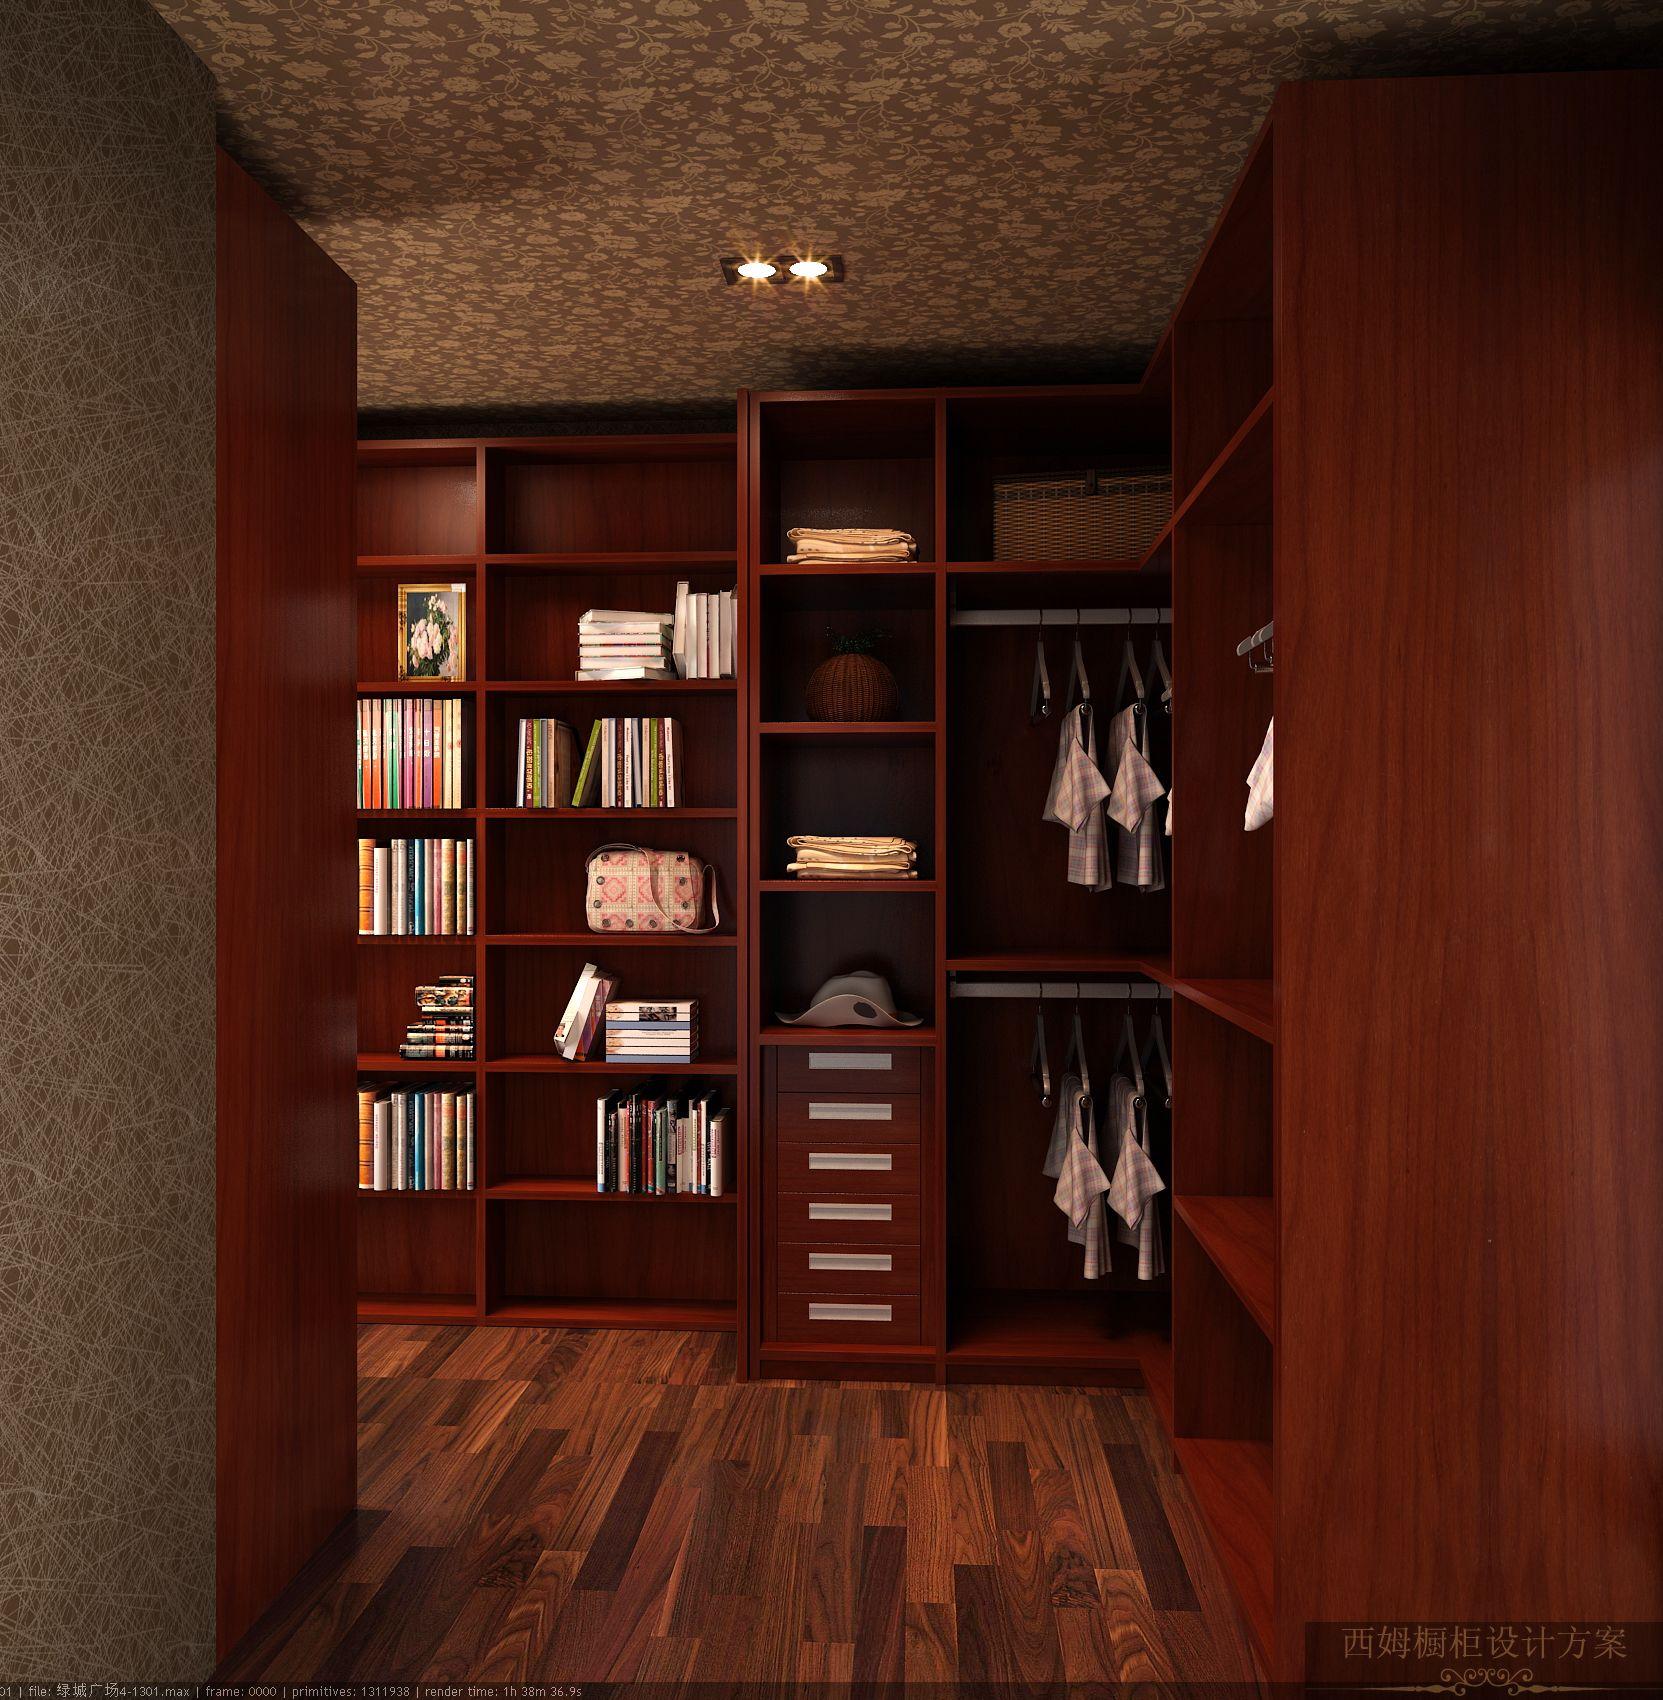 济南知名的红檀家具供货厂家,济南实木整体衣柜